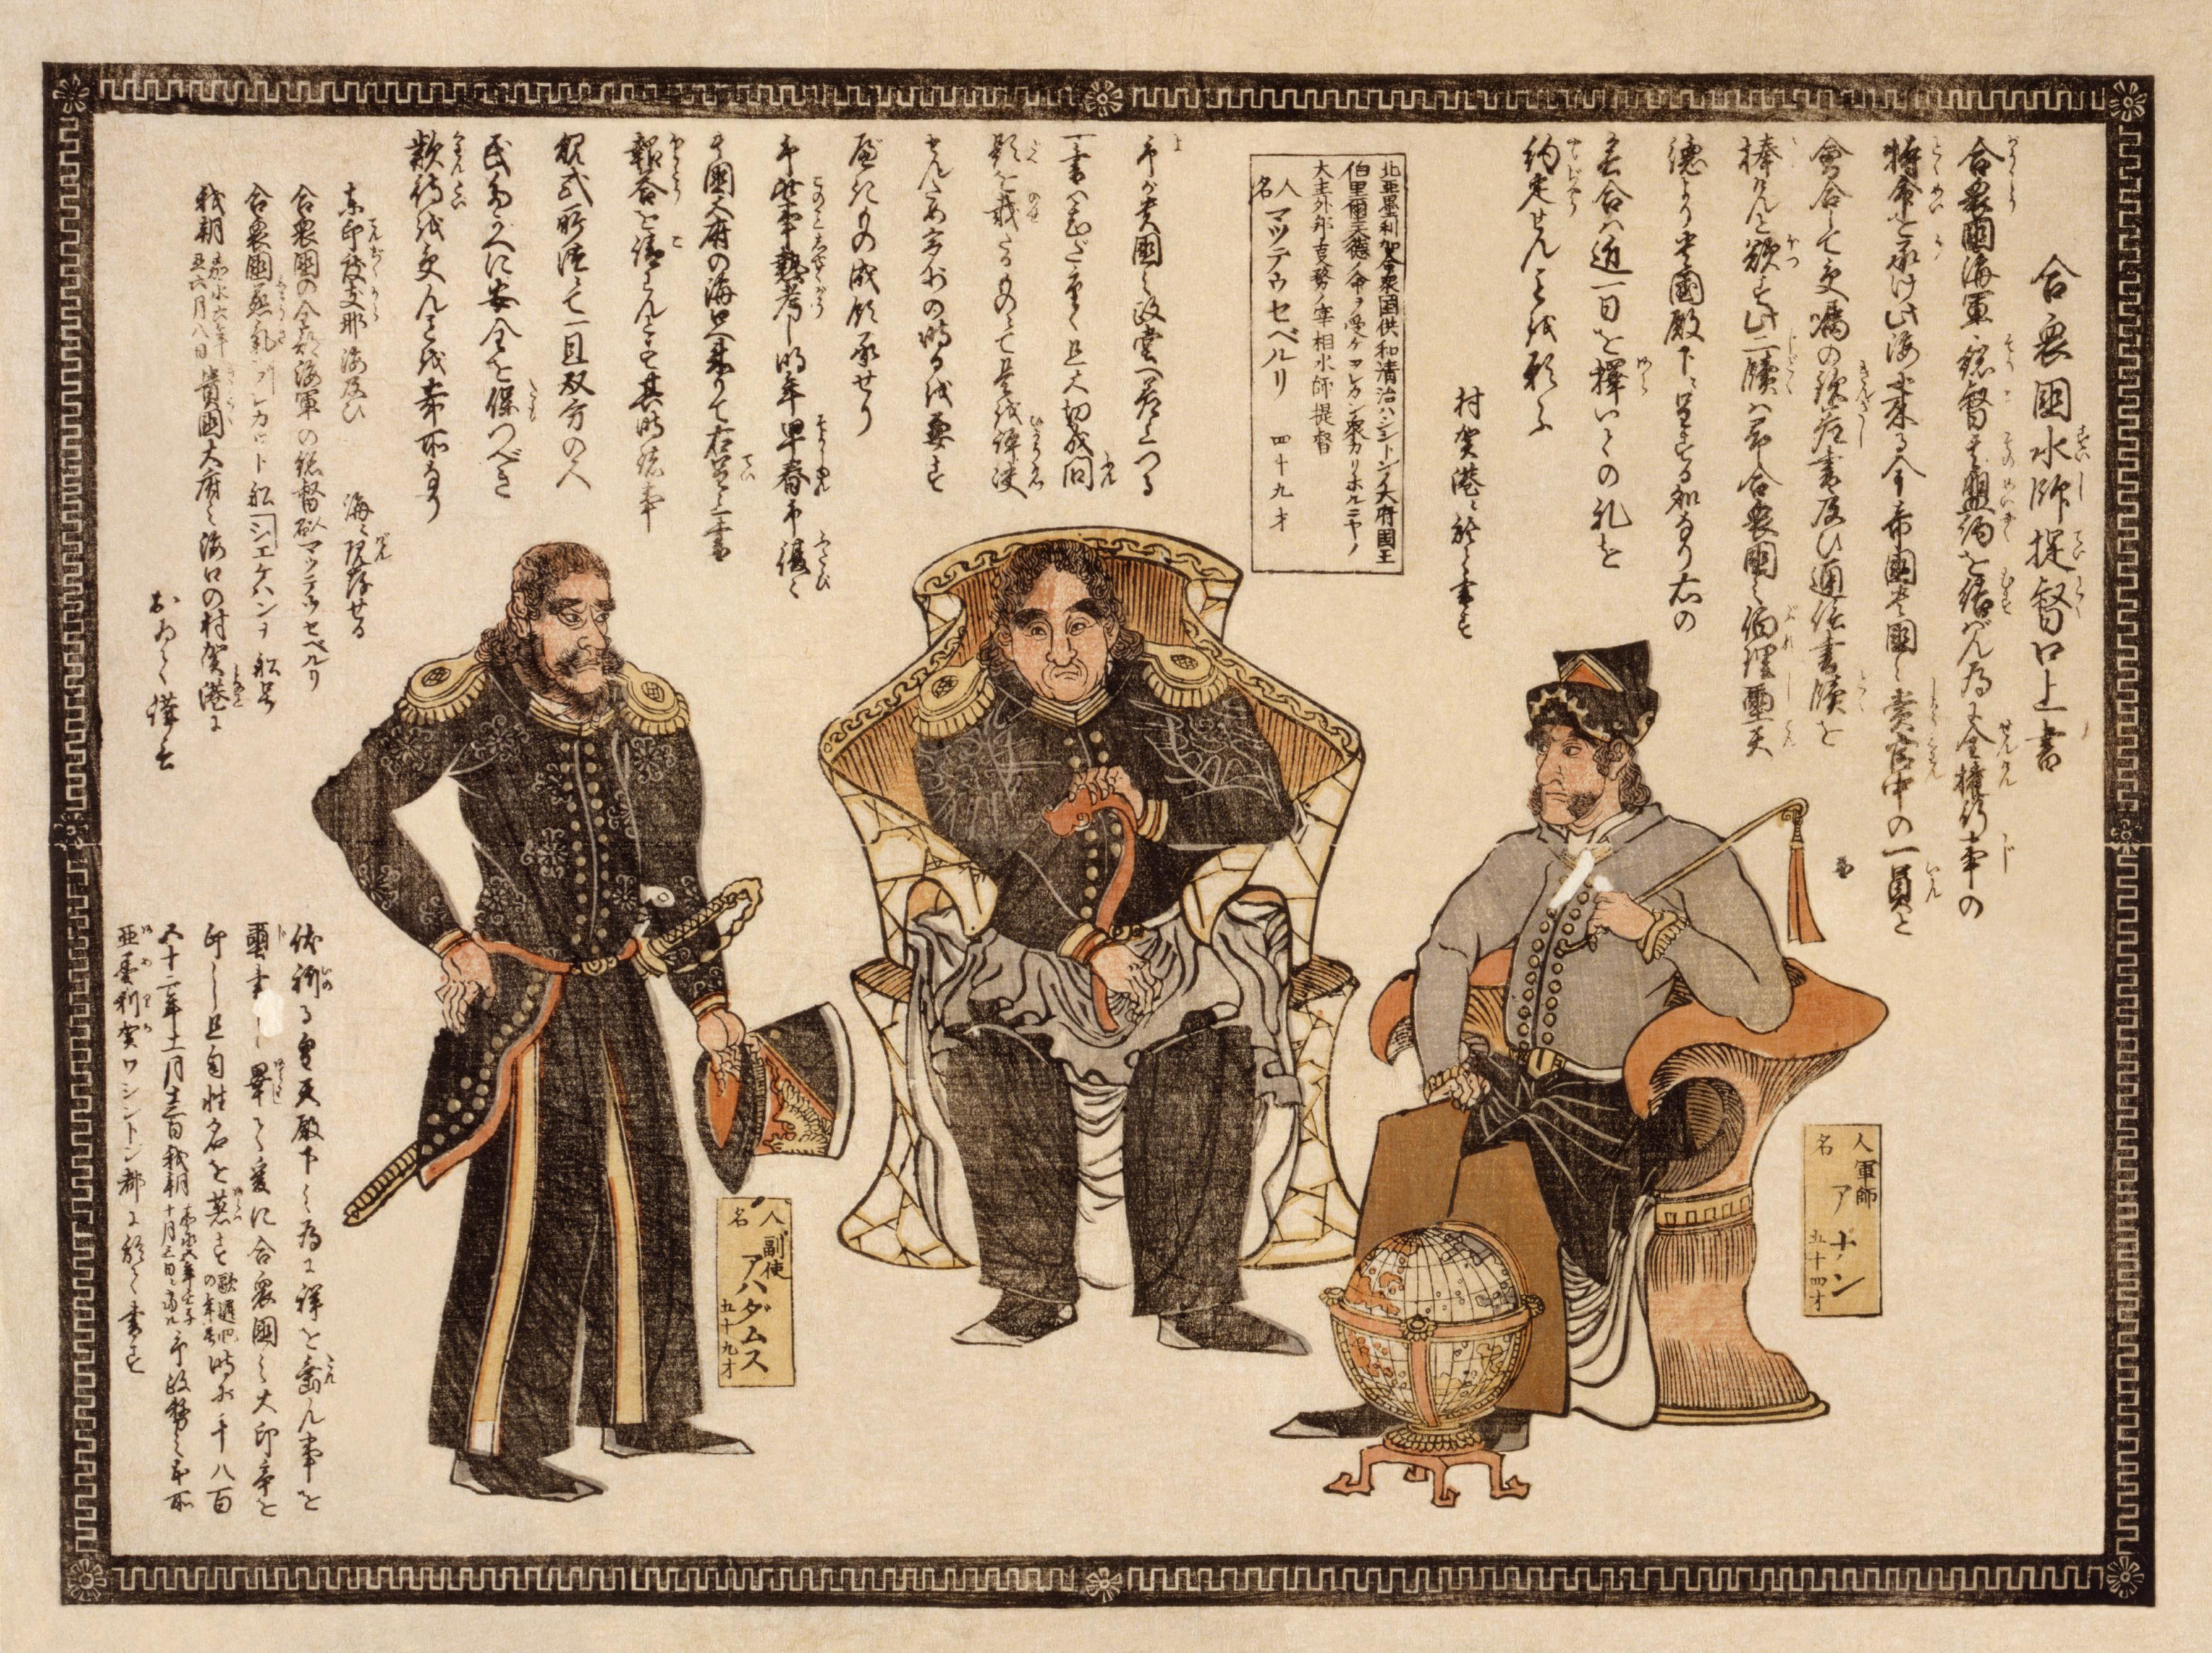 Treaty Of Kanagawa Ports